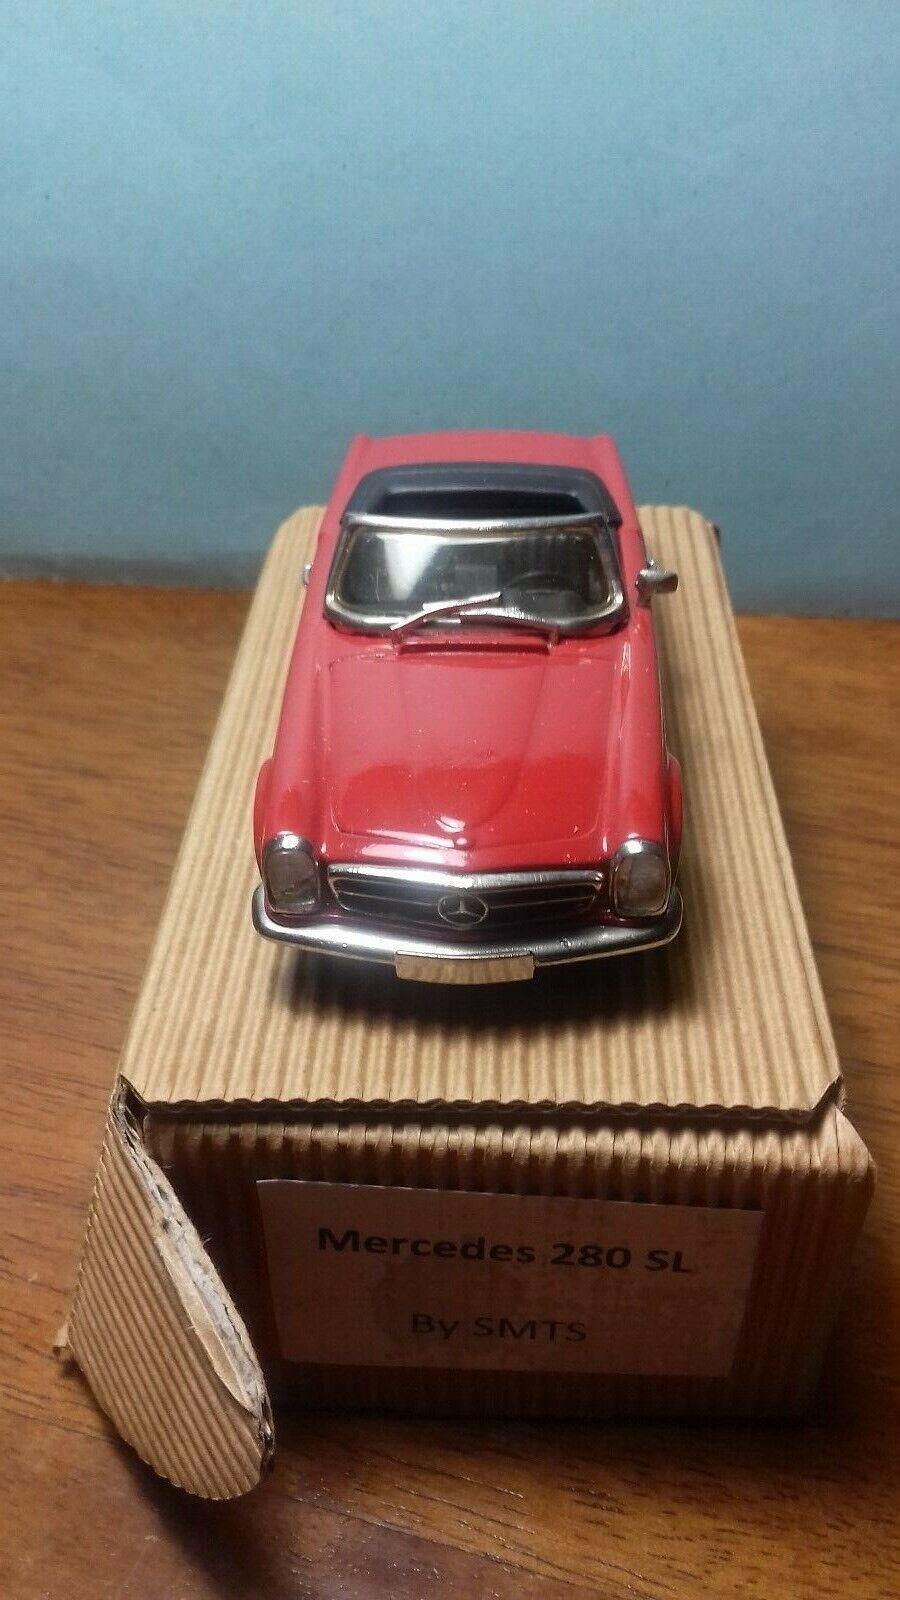 MERCEDES 280 SL 143  SMTS, NO BOX. No minichamps, schuco, neo.